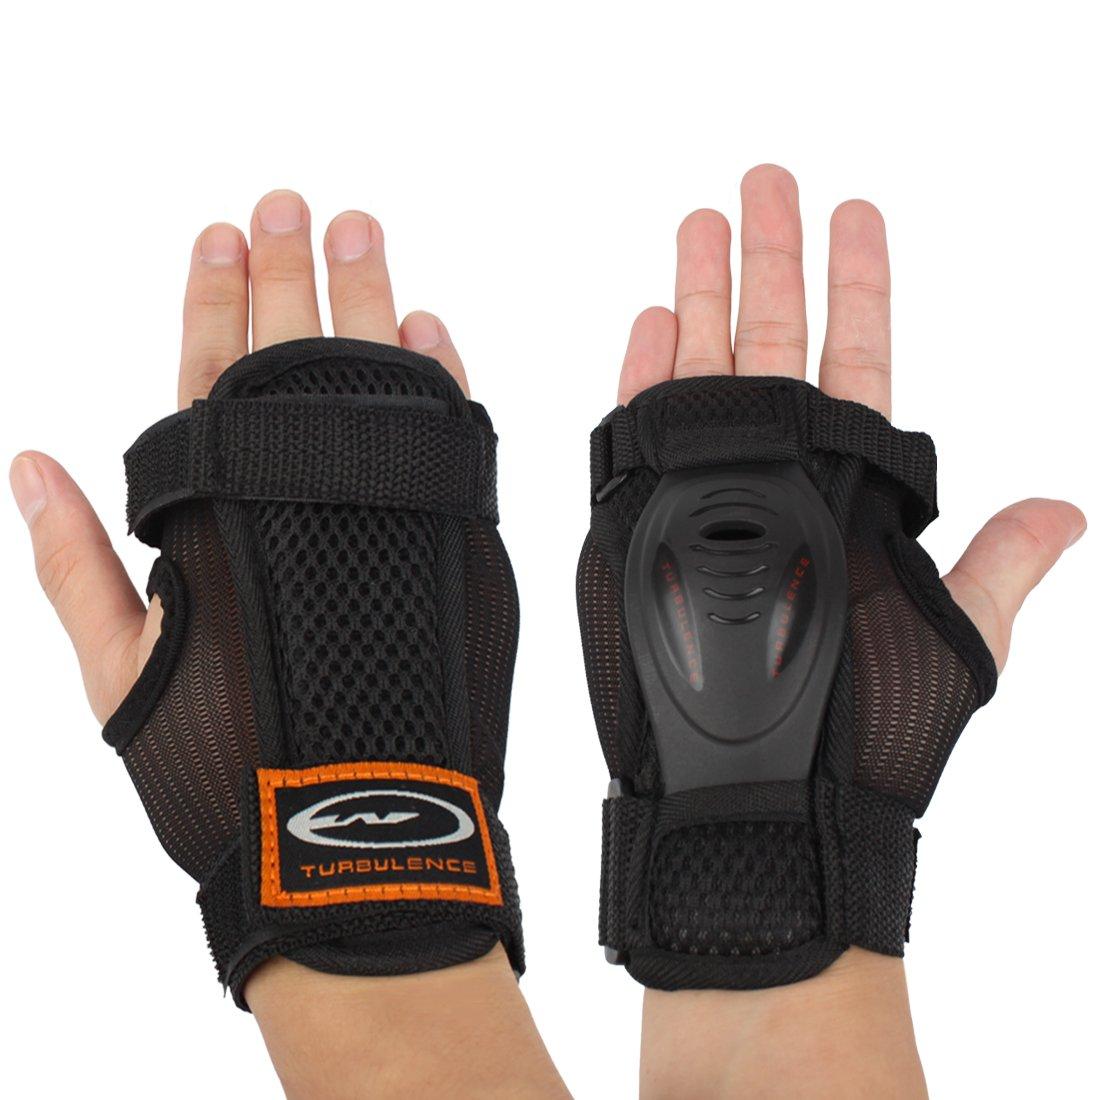 Andux Ski Gloves Extended Wrist Palms Protection Roller Skating Hard Gauntlets Adjustable Skateboard Gauntlets Support HXHW-03 (L)